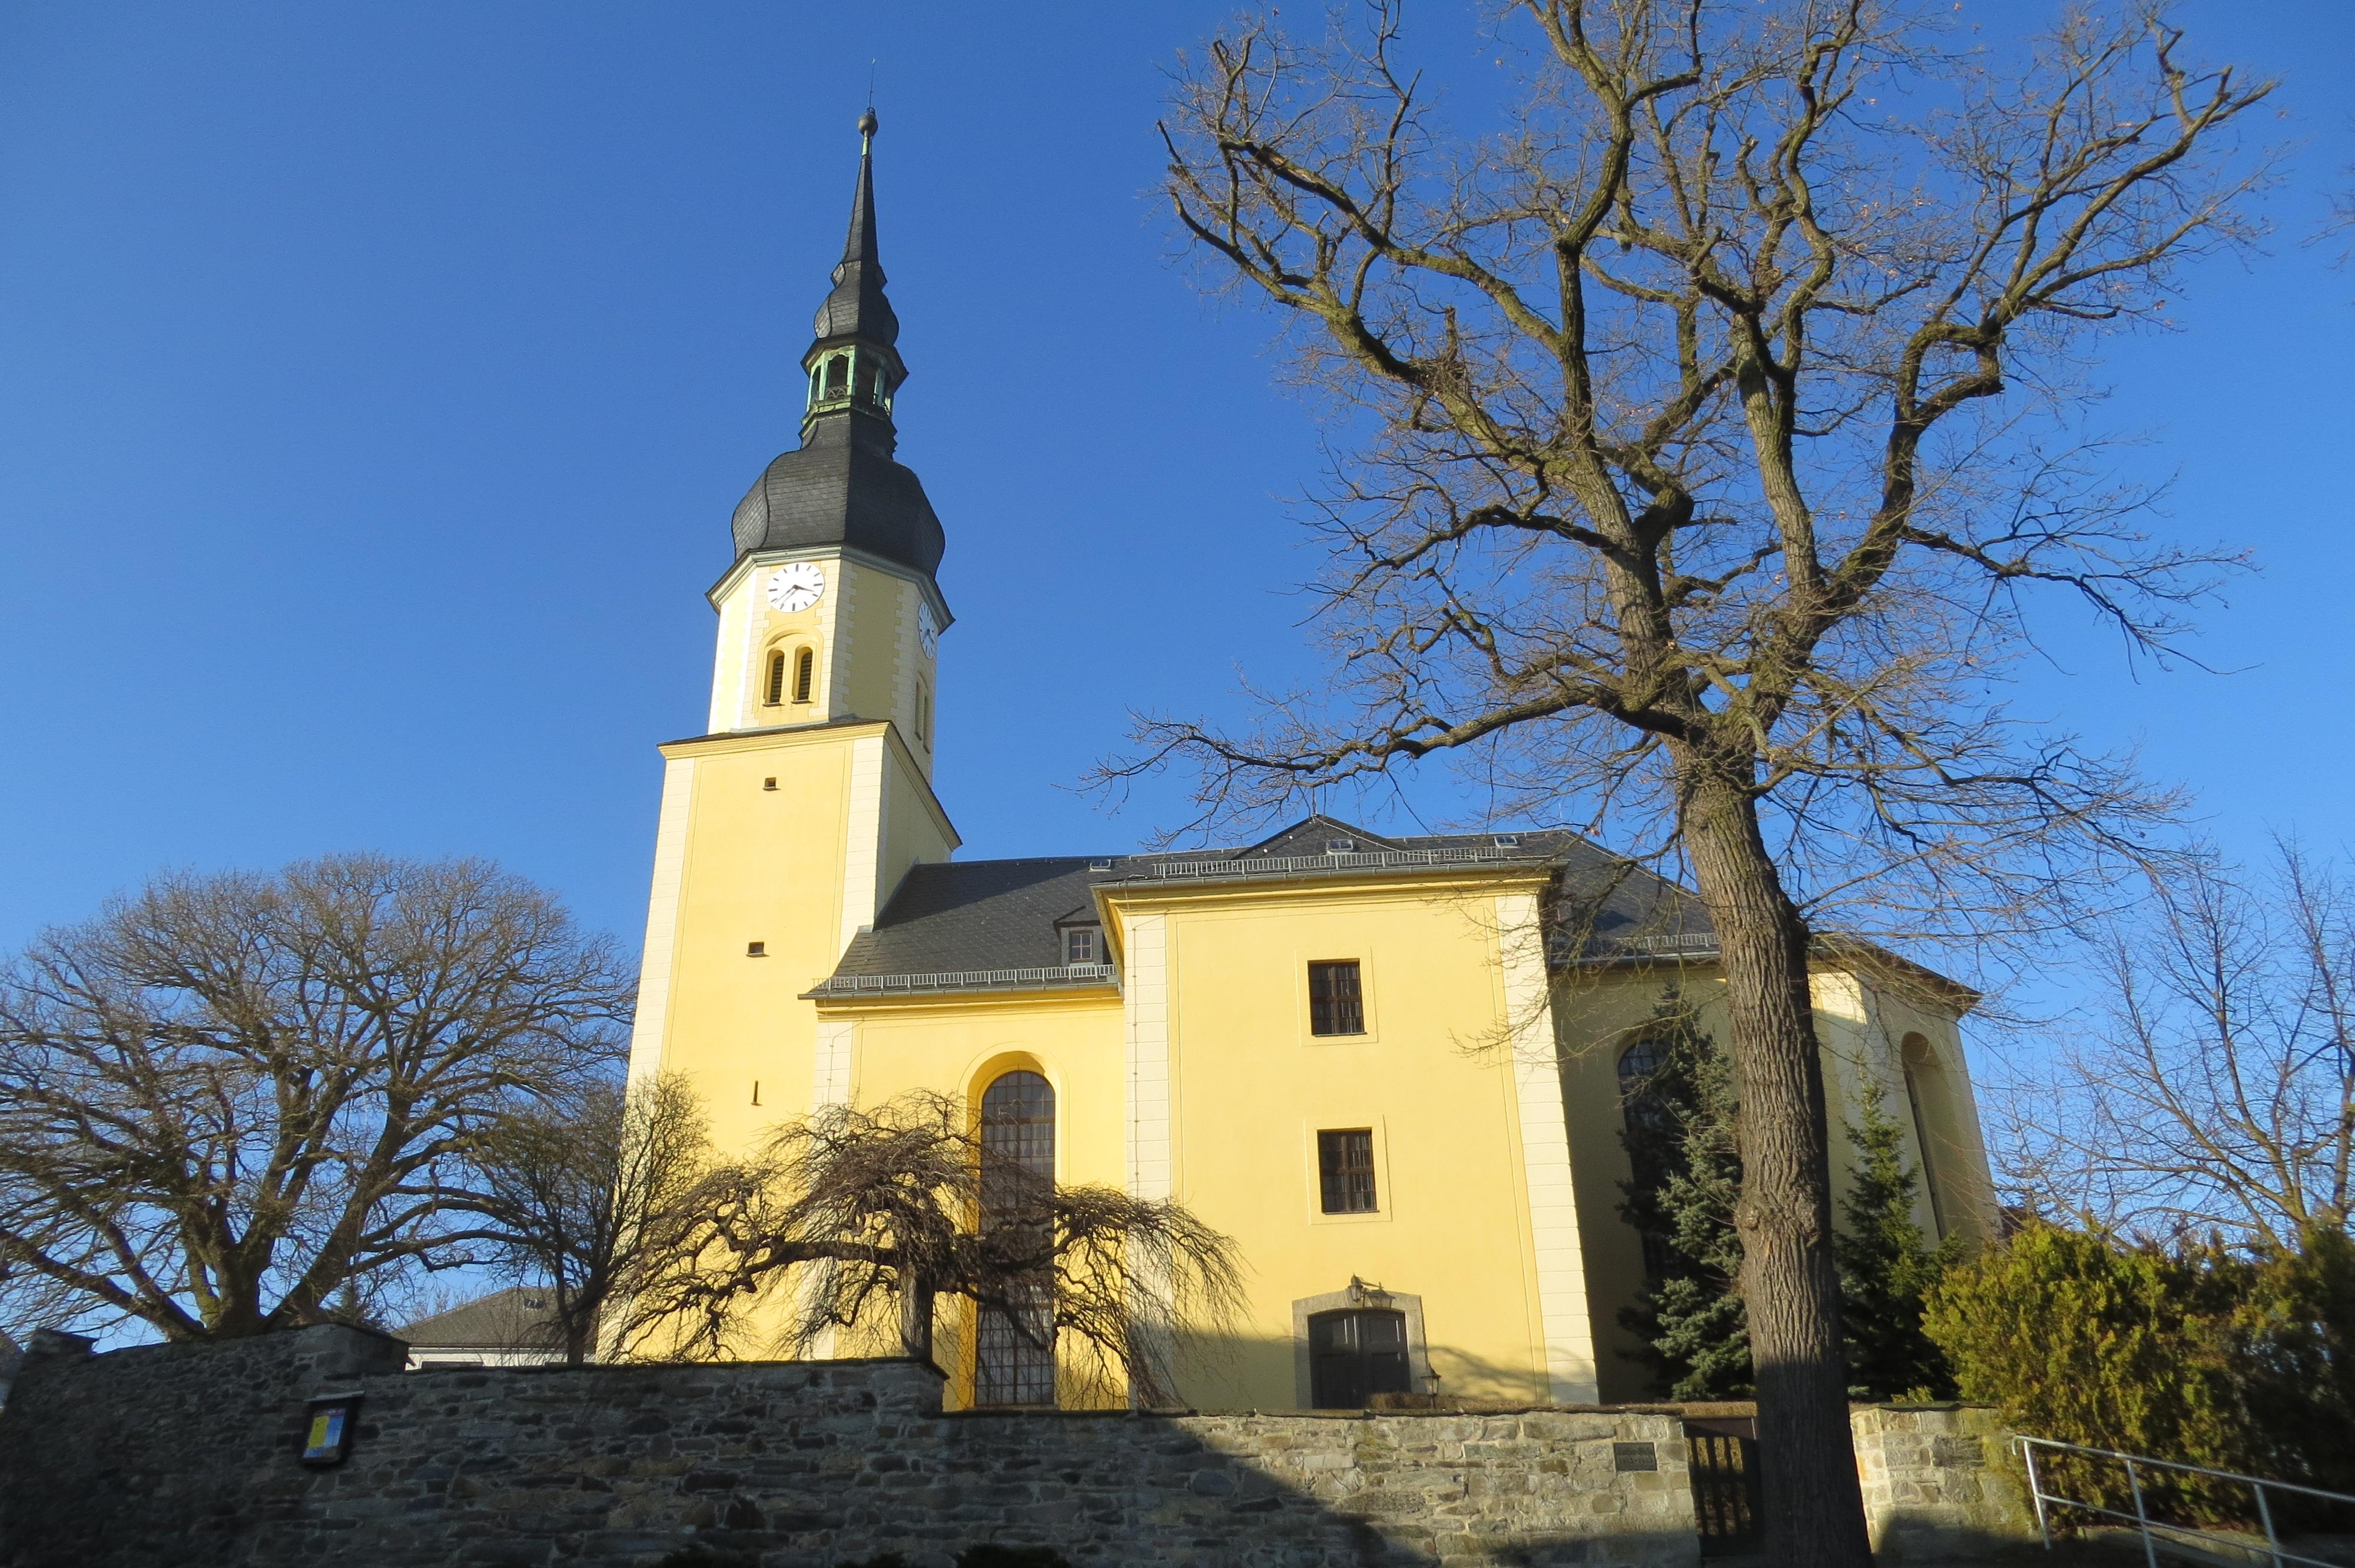 Hohndorf